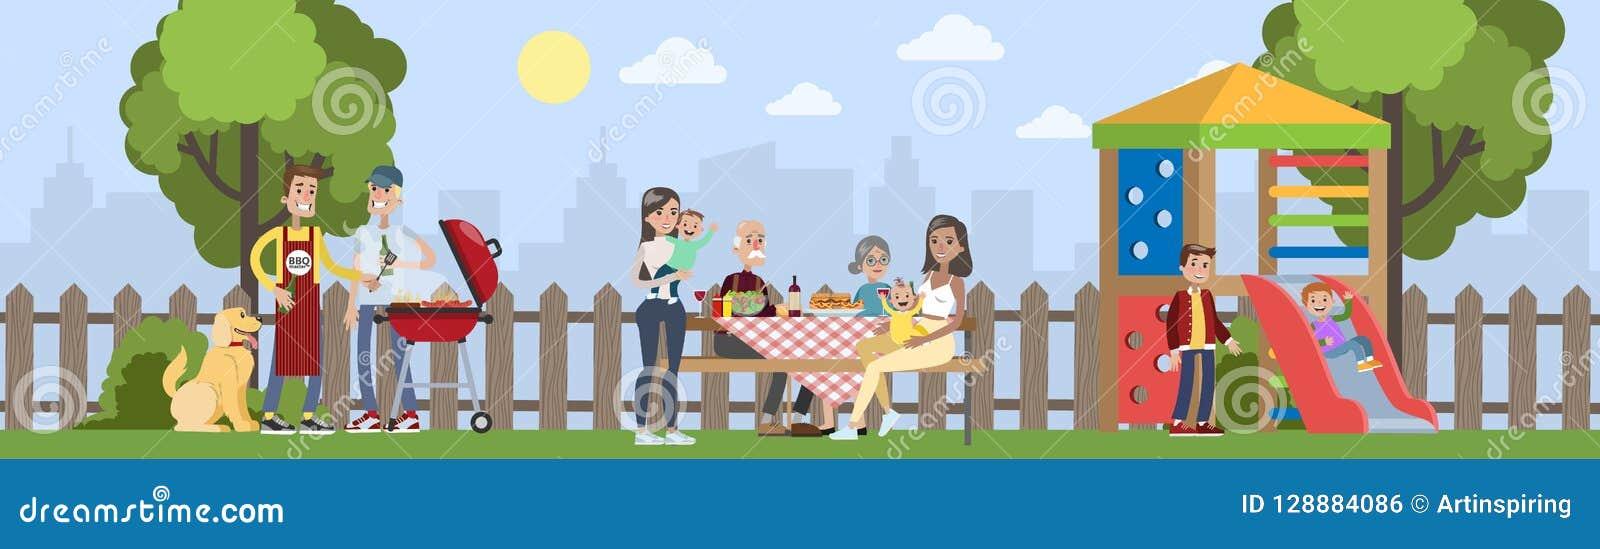 Rodzina na BBQ przyjęciu na podwórku